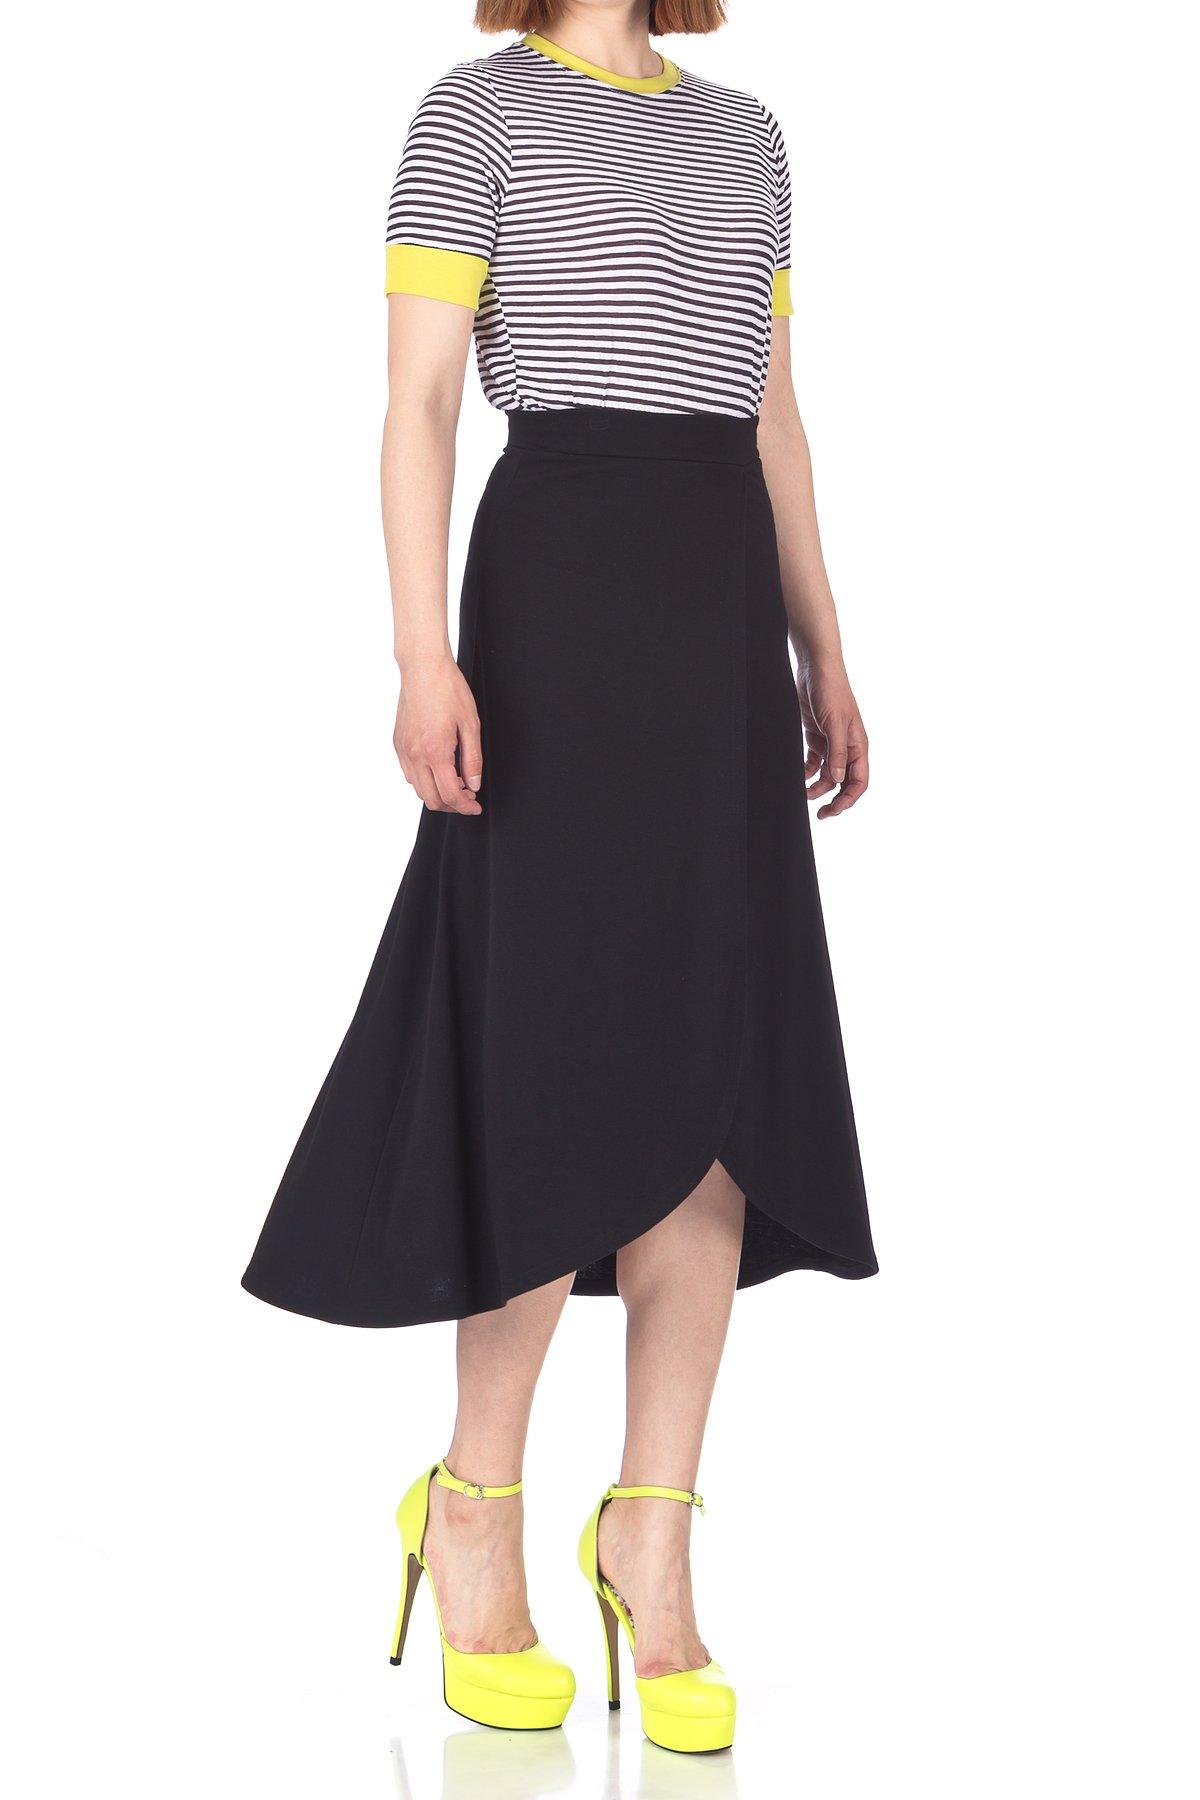 Easy Chic Wrap Style Full Flared Skater Swing Midi Long Maxi Skirt (S, Black)